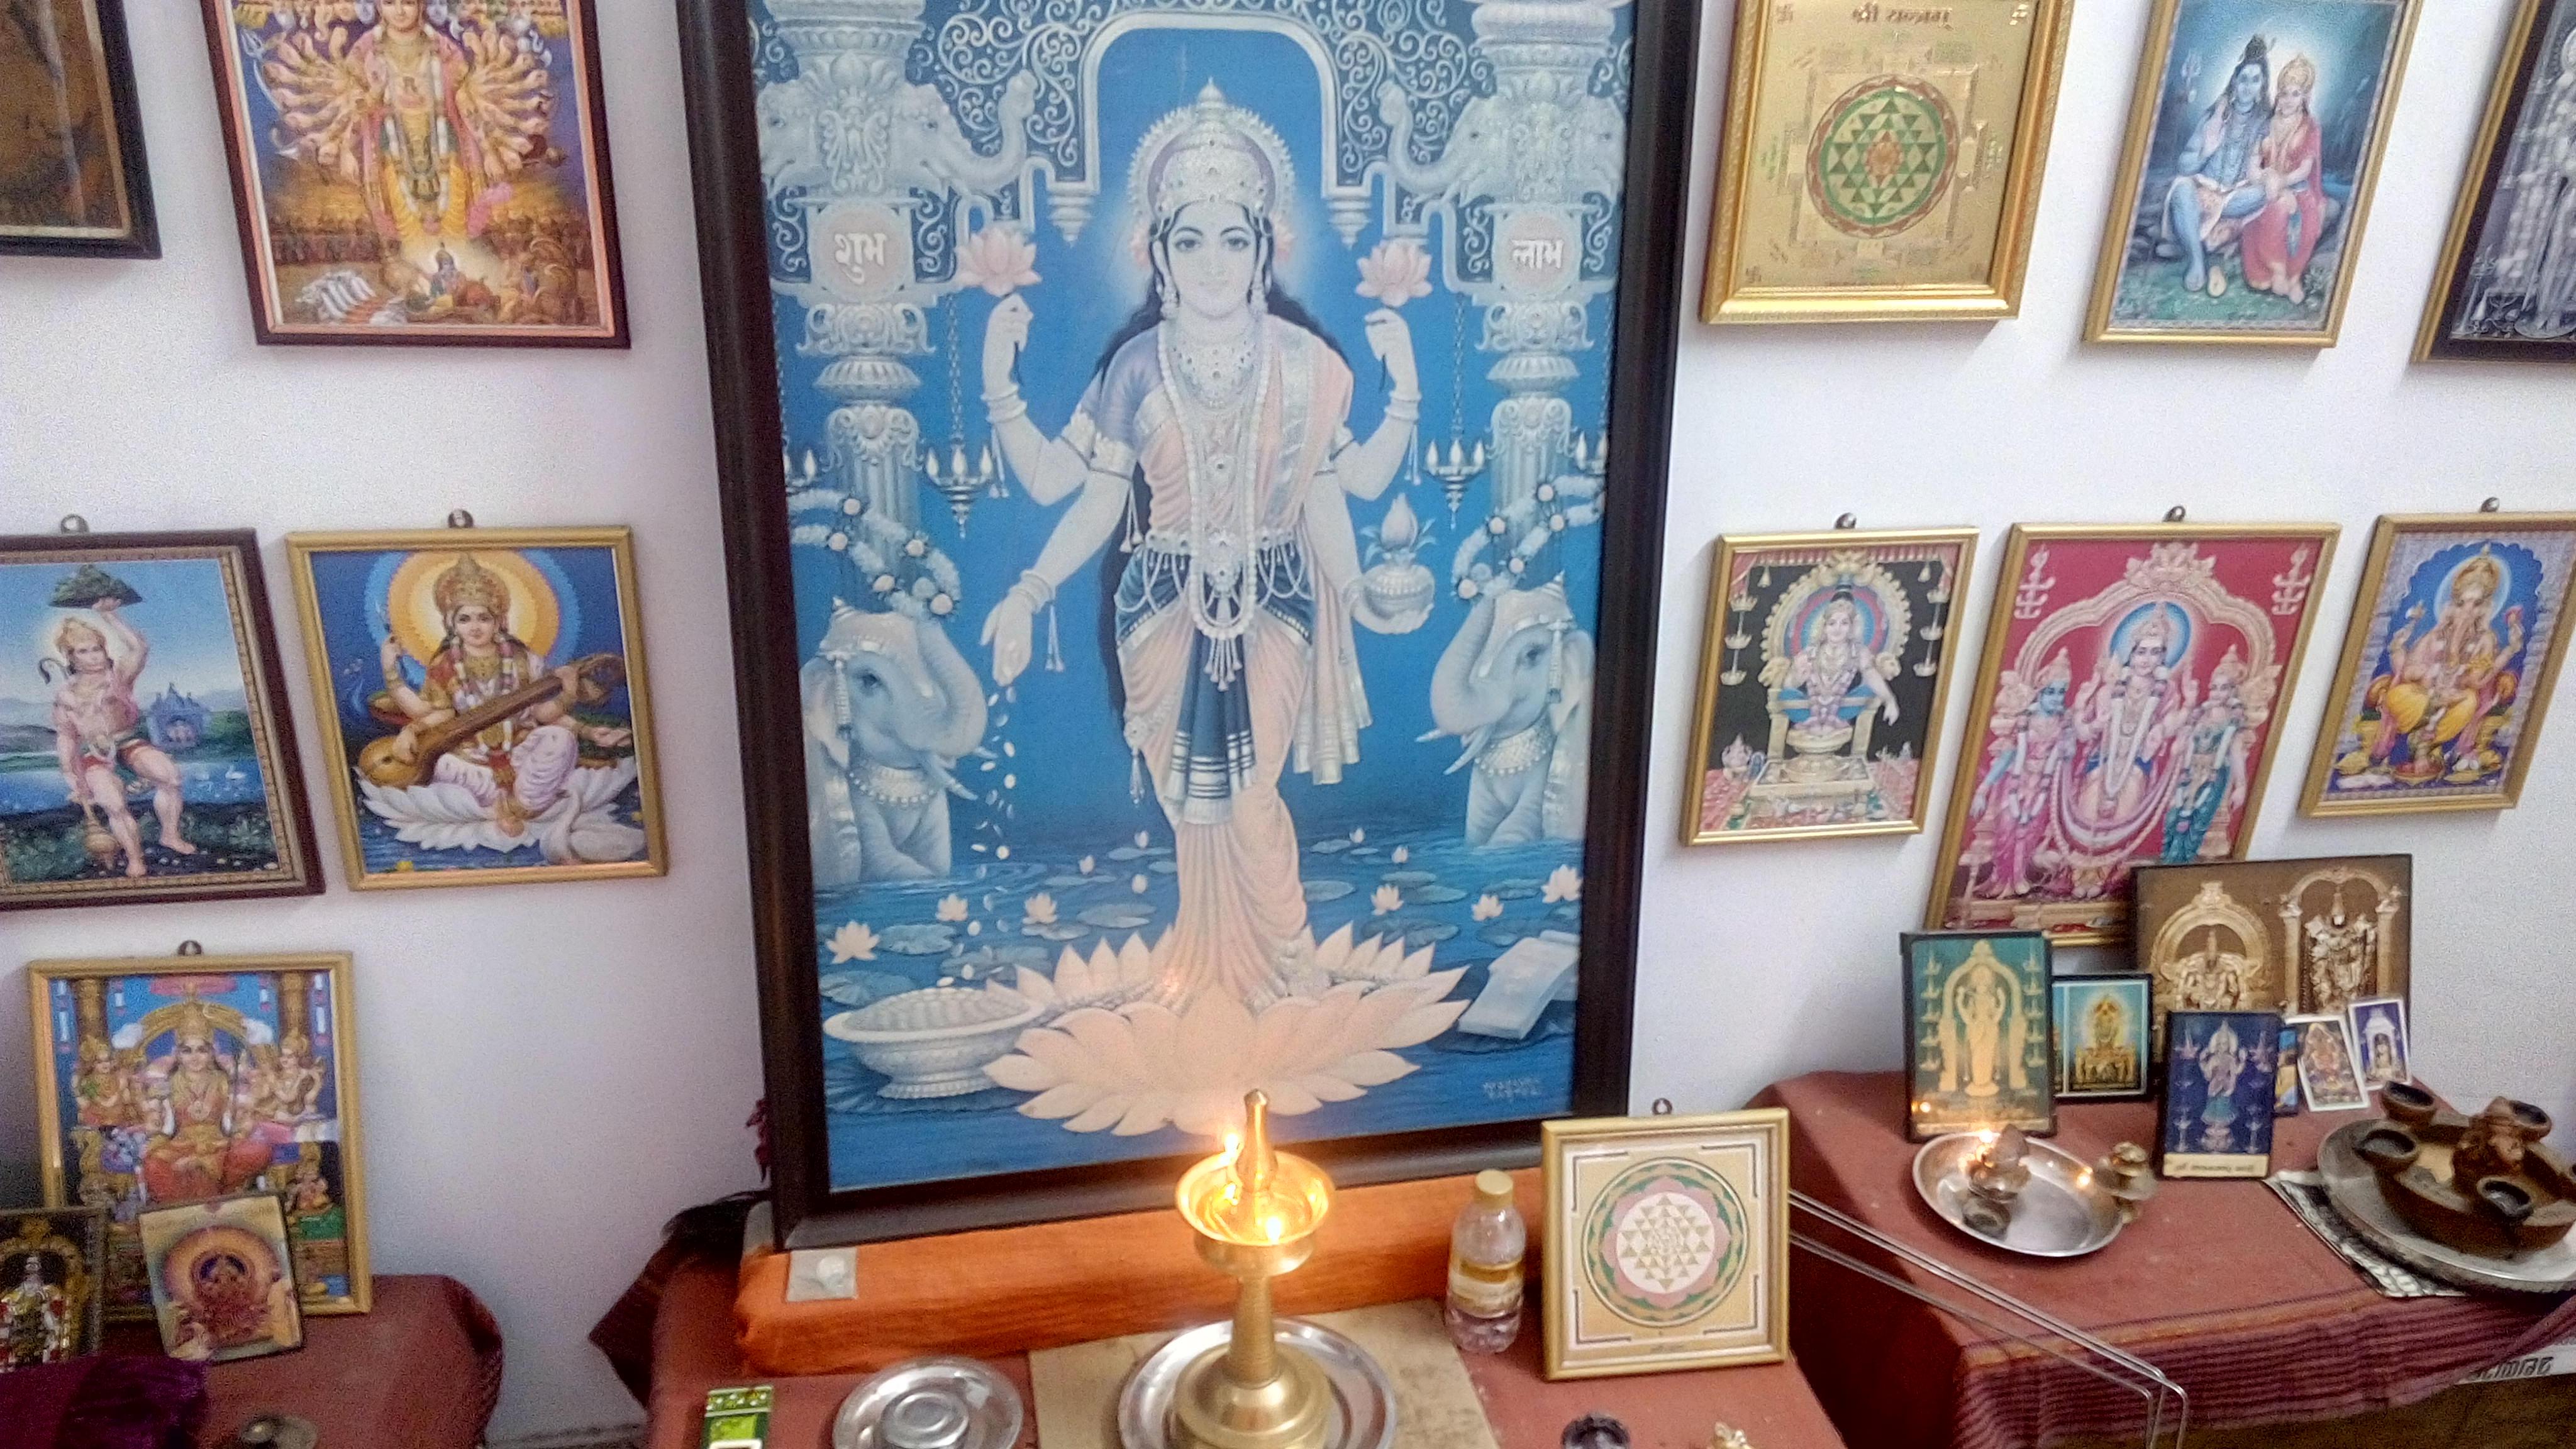 Kazdy Indyjski dom posiada mały pokój do modlitwy